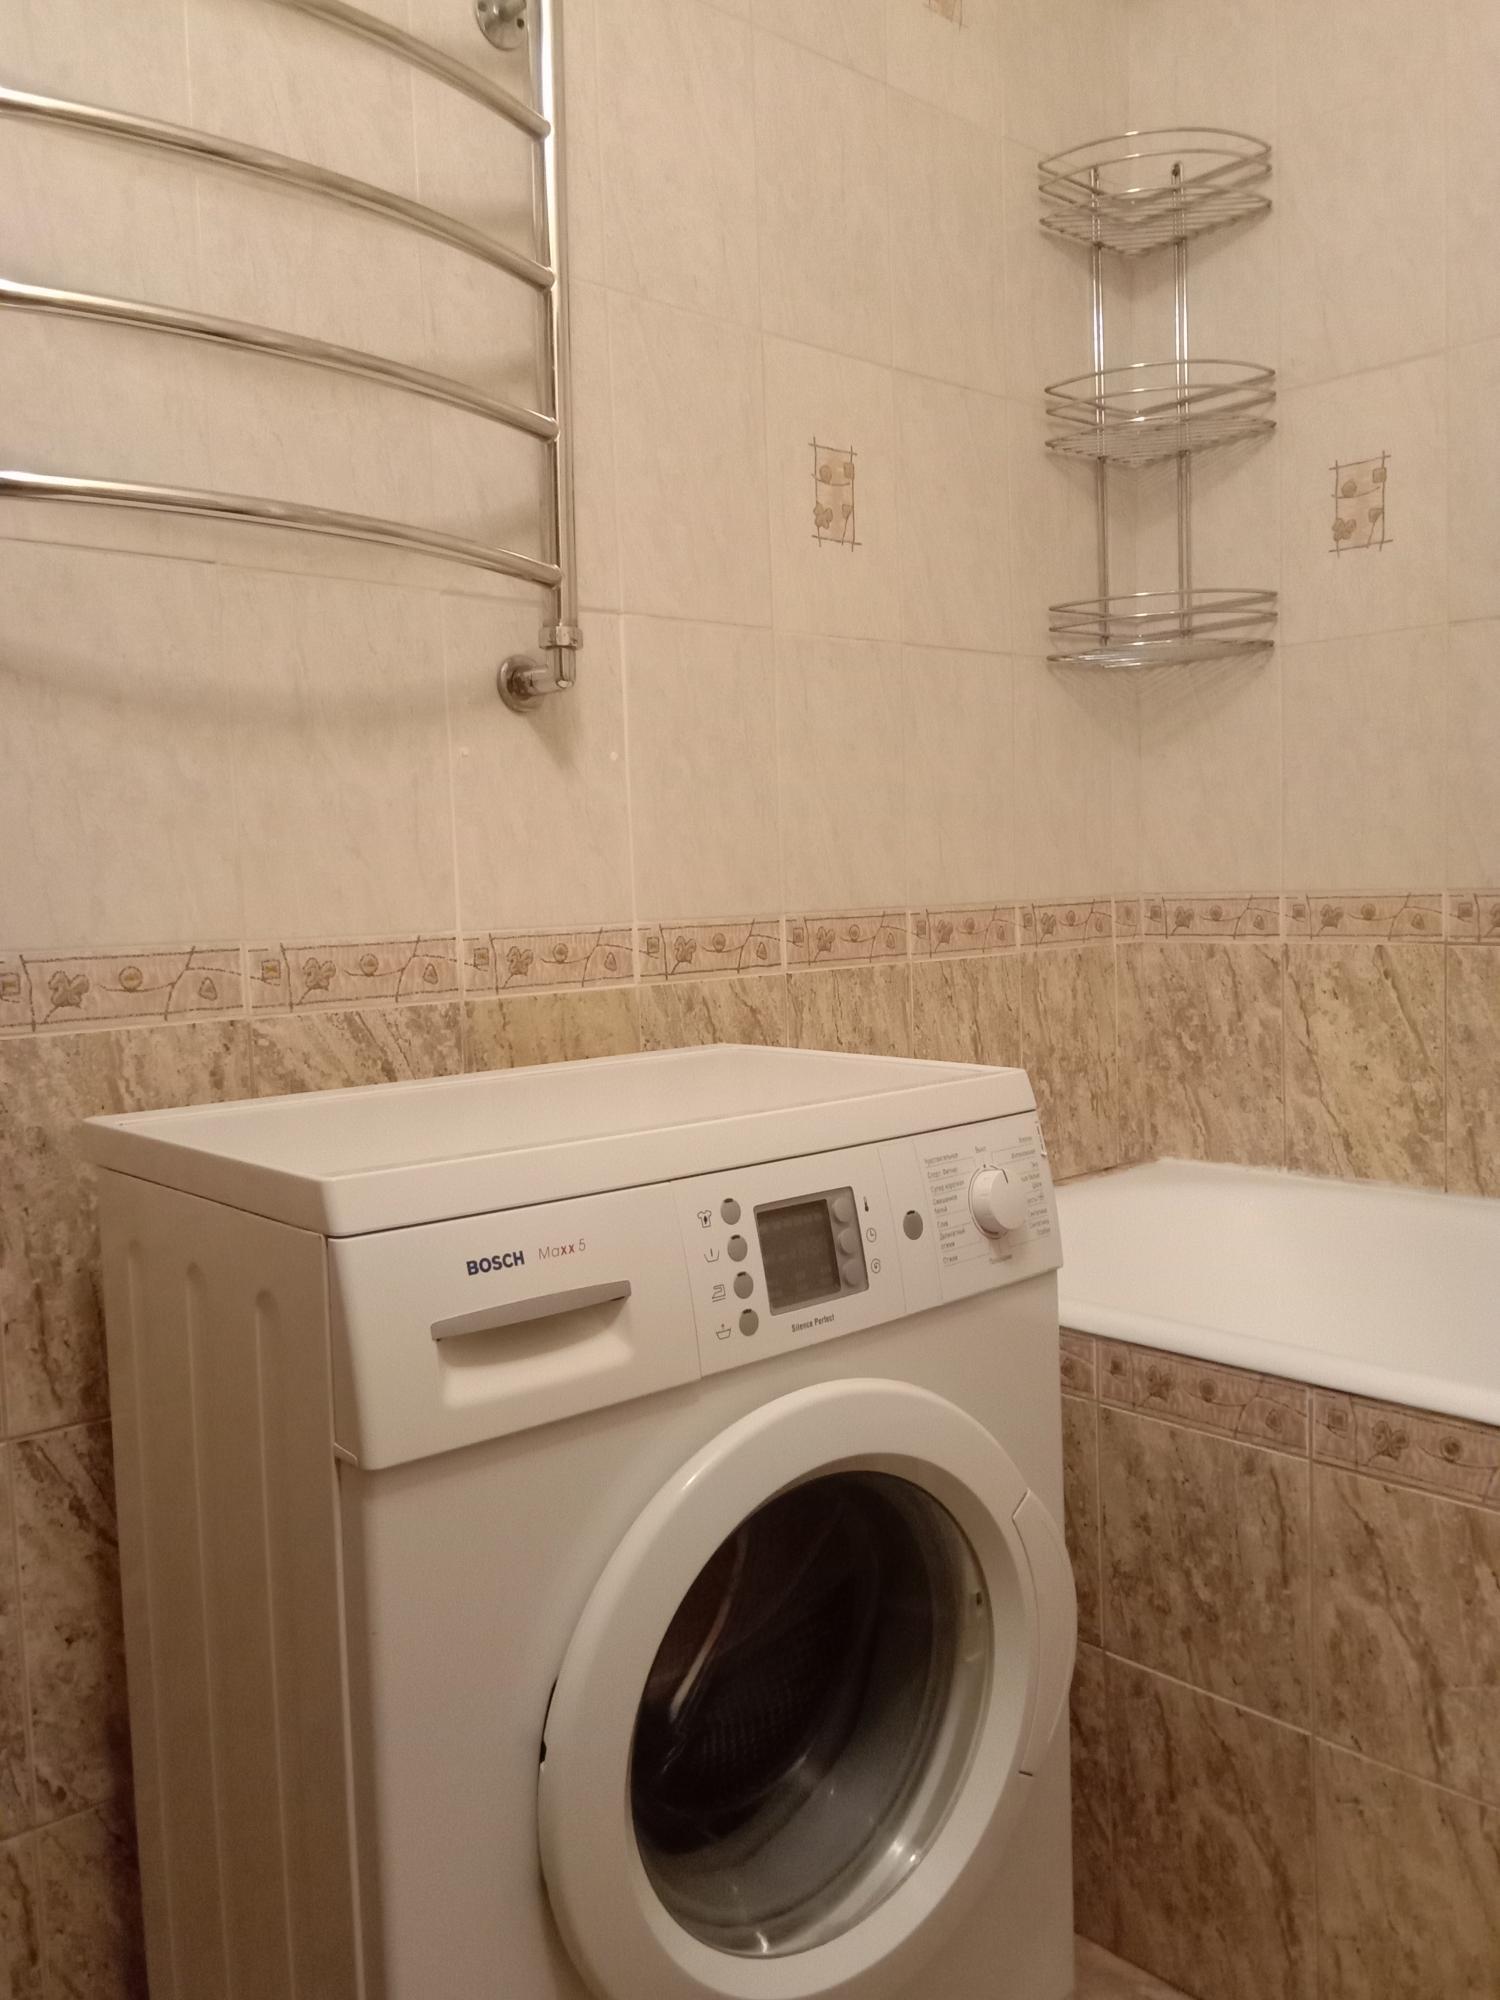 Квартира, 1 комната, 43.2 м² в Балашихе 89258773124 купить 6